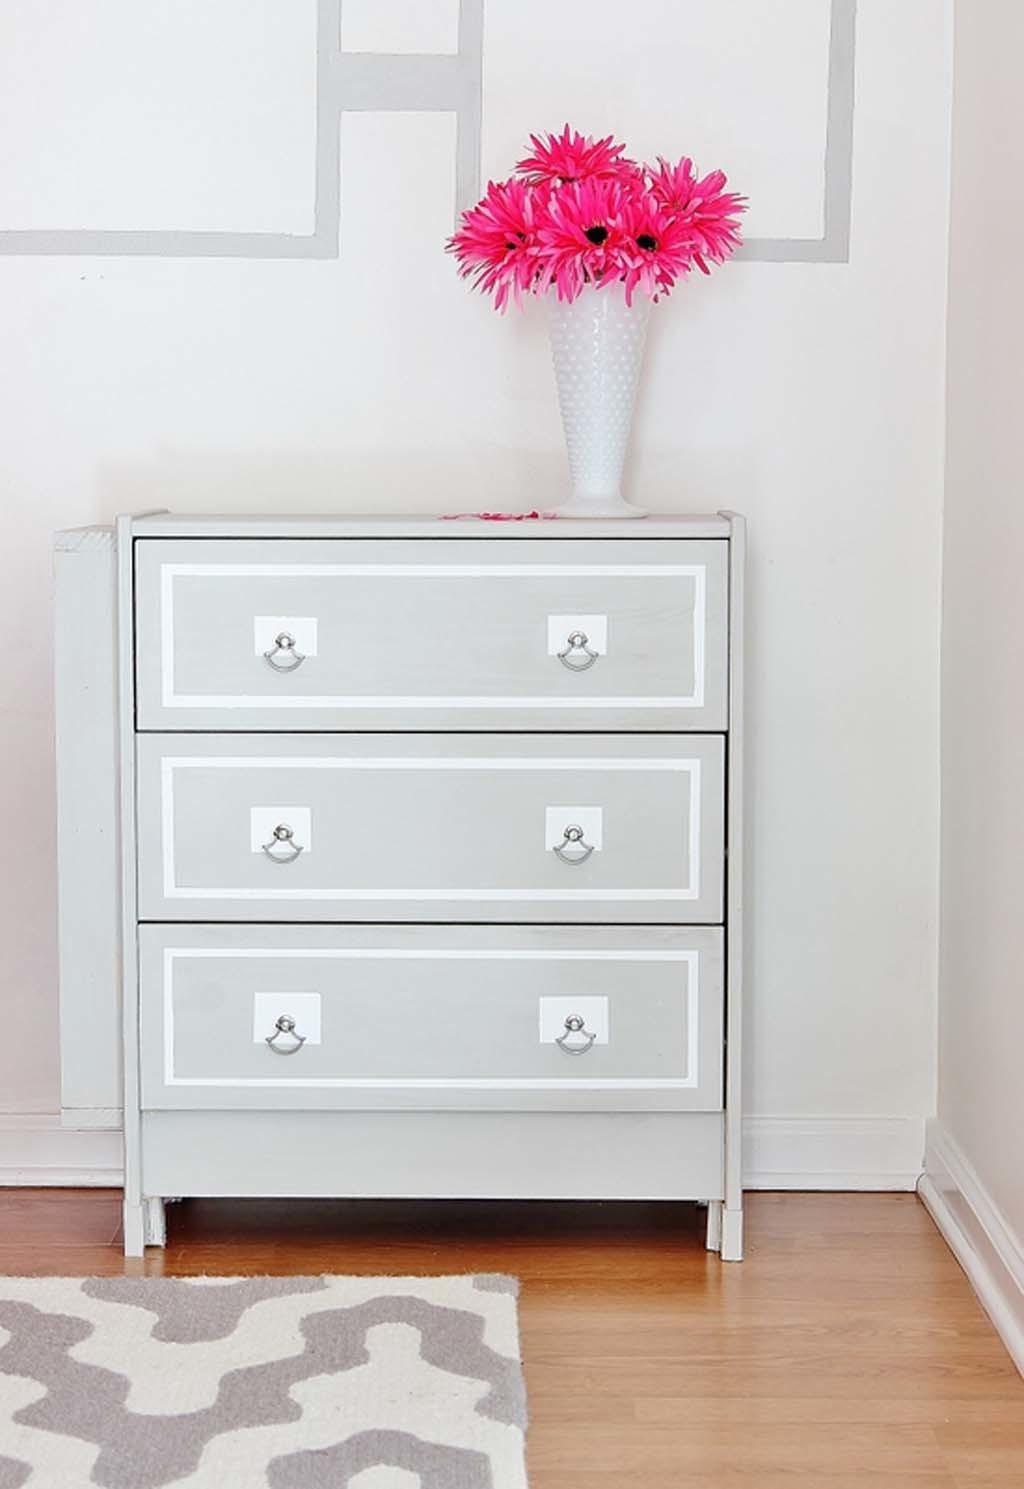 Como Customizar Muebles Ikea Como Transformar Muebles De Ikea  # Customizar Muebles